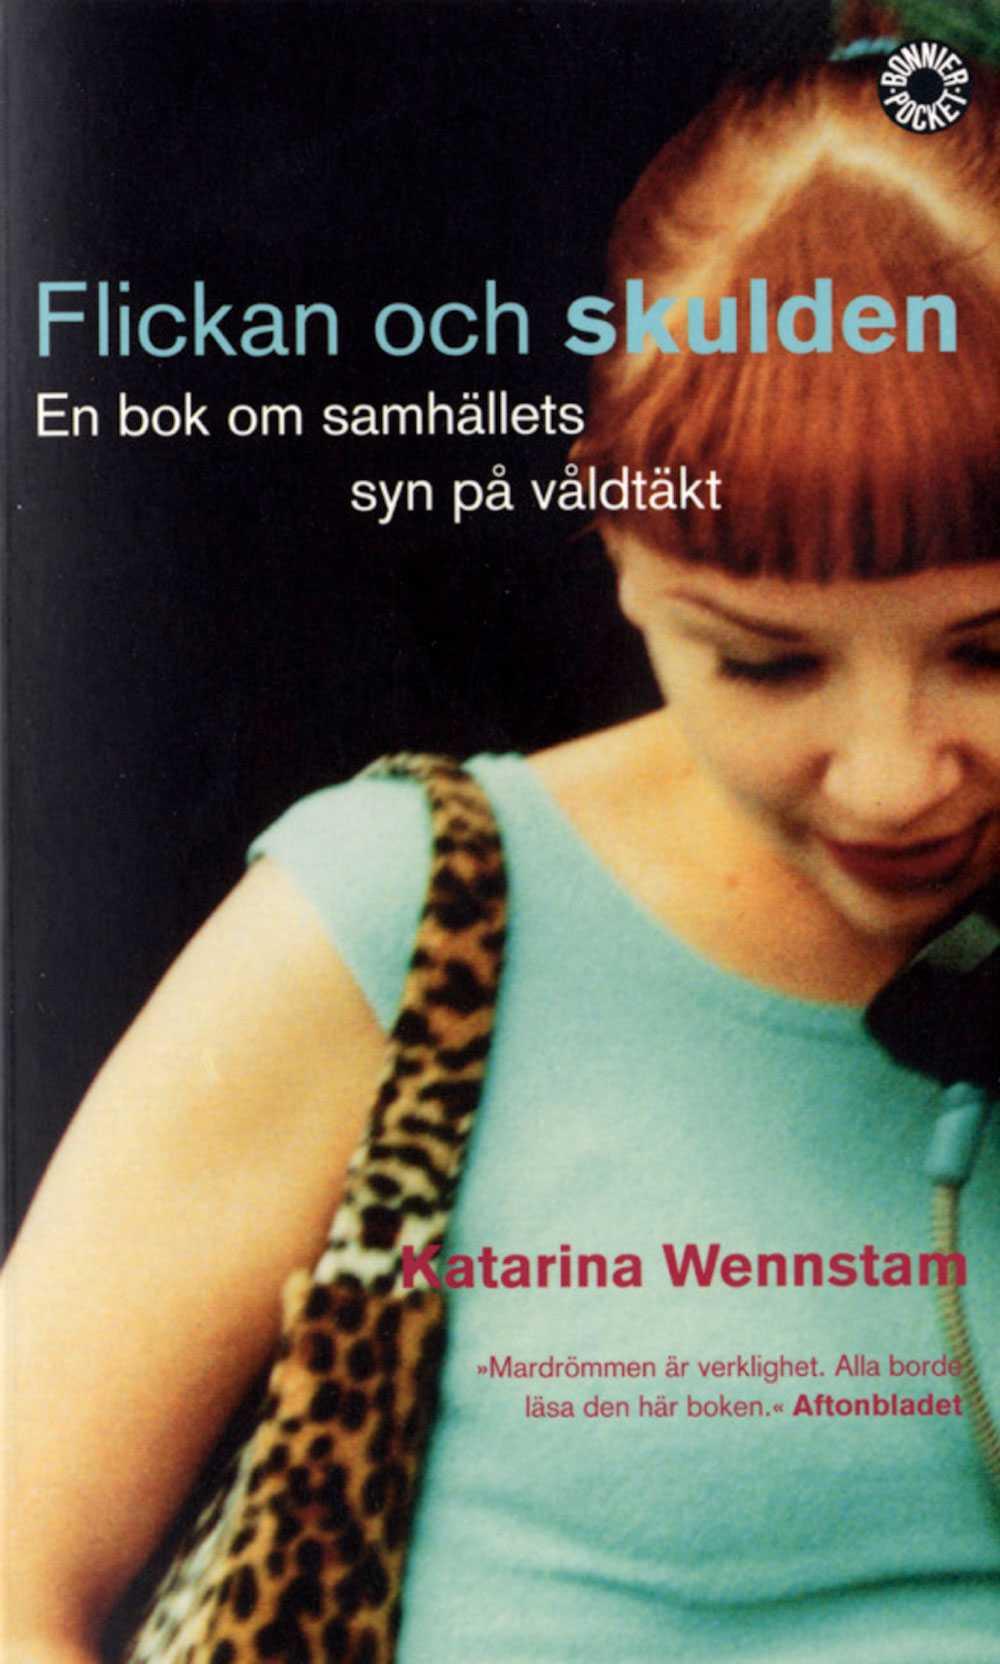 """""""Flickan och skulden - en bok om samhällets syn på våldtäkt"""" av Katarina Wennstam handlar om ett flertal svenska gruppvåldtäktsmål."""